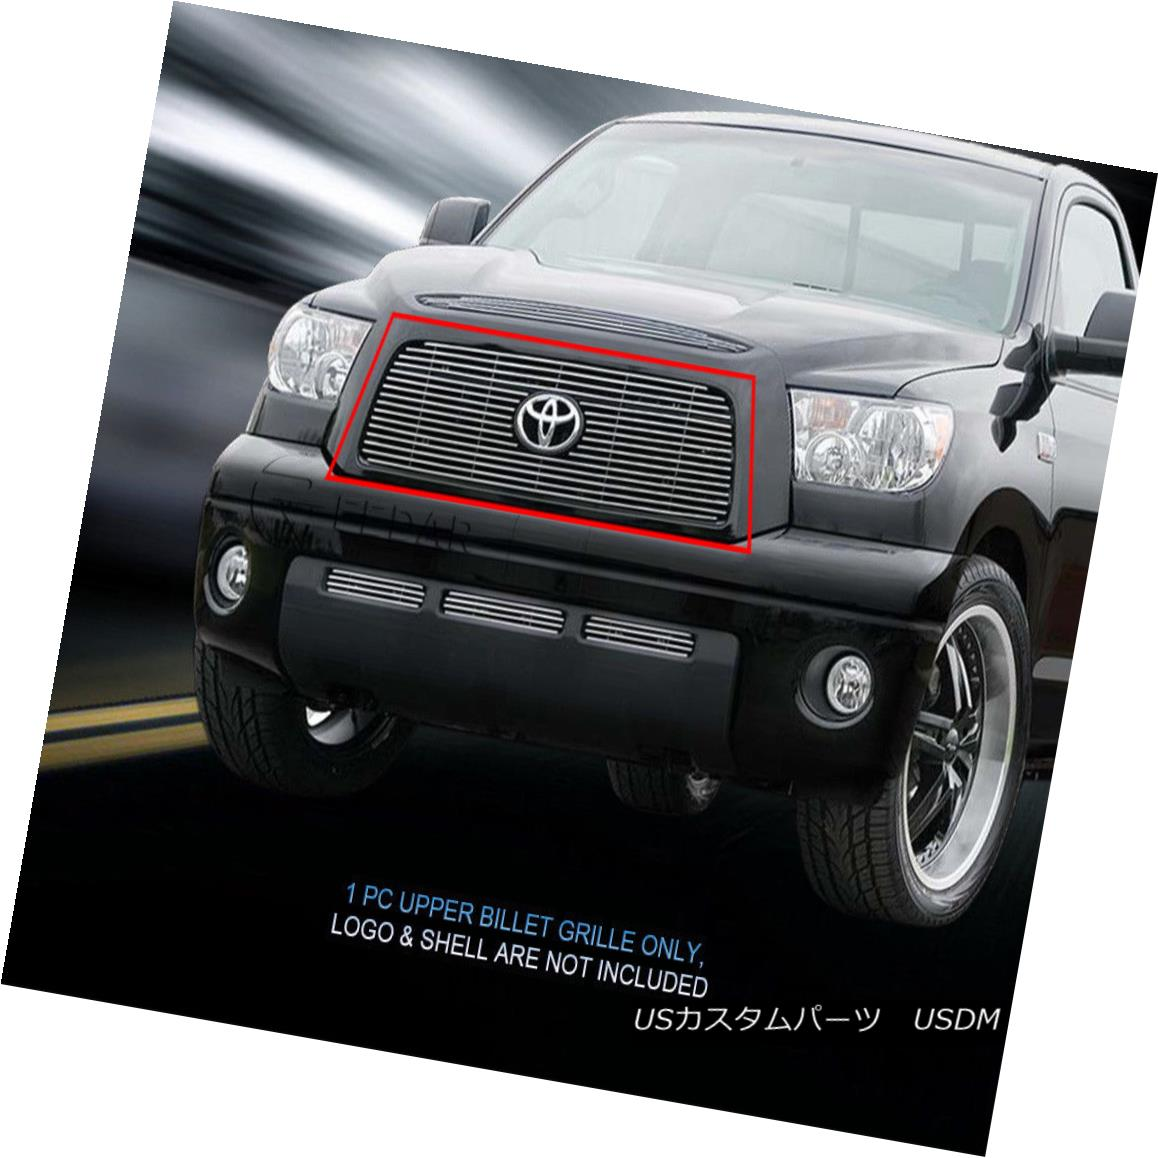 グリル Fedar Fits 2007-2009 Toyota Tundra Polished Insert Main Upper Billet Grille Fedarは2007-2009年に合うToyota Tundra Polished Insert上部のビレット・グリル